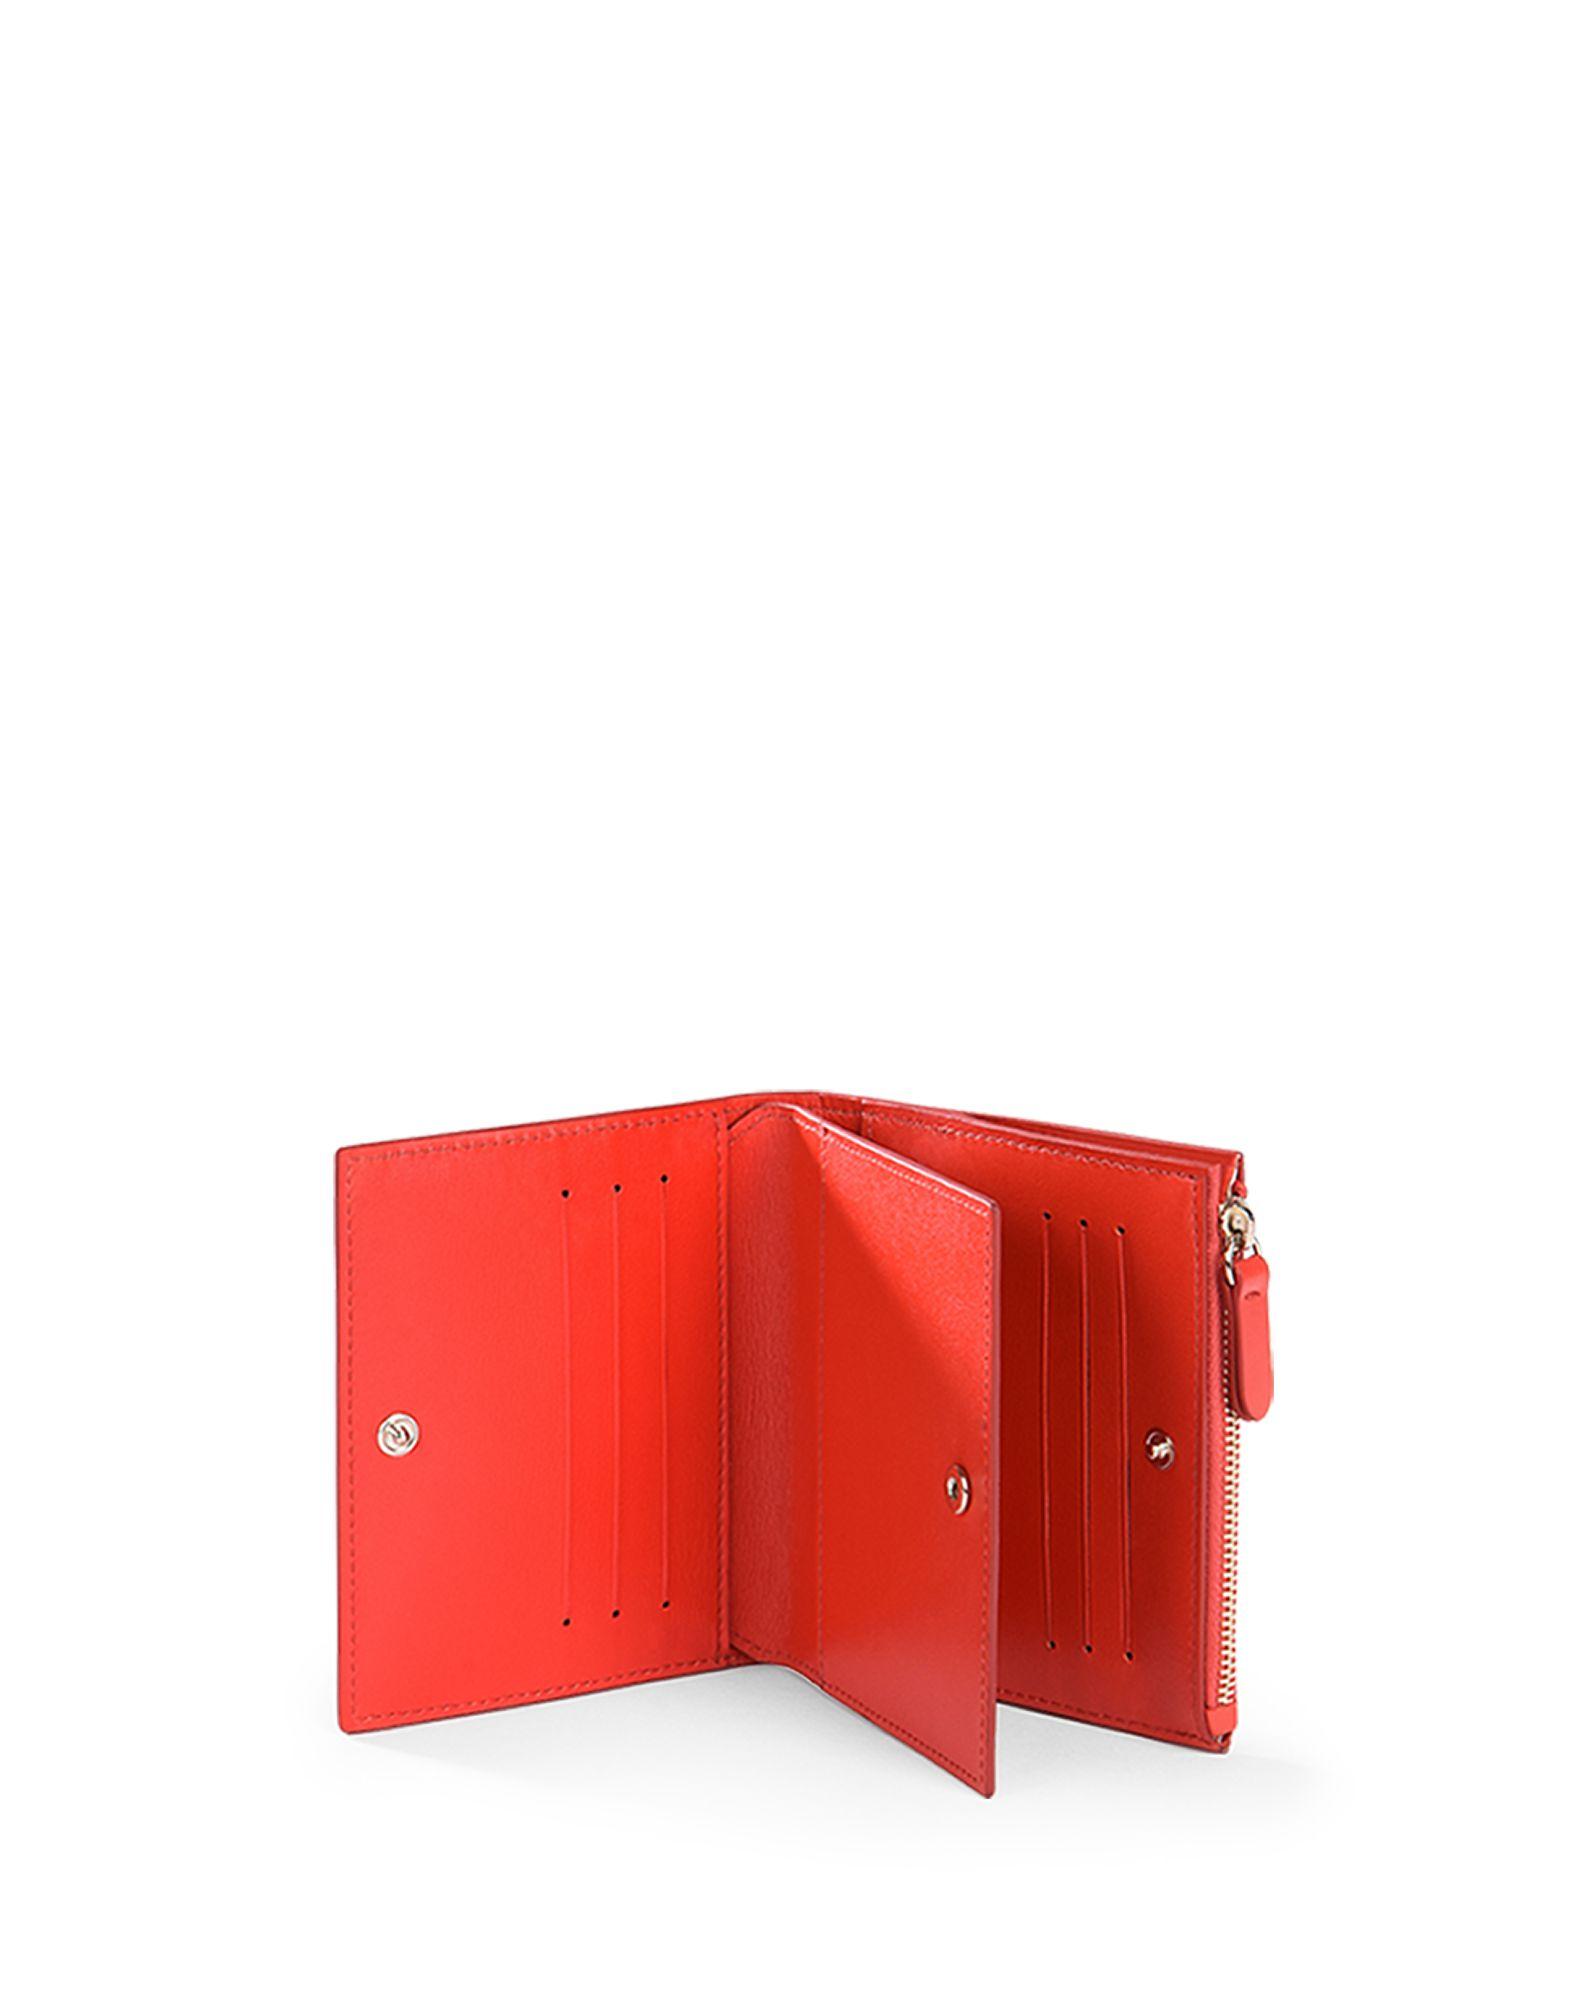 Envelope - JIL SANDER Online Store